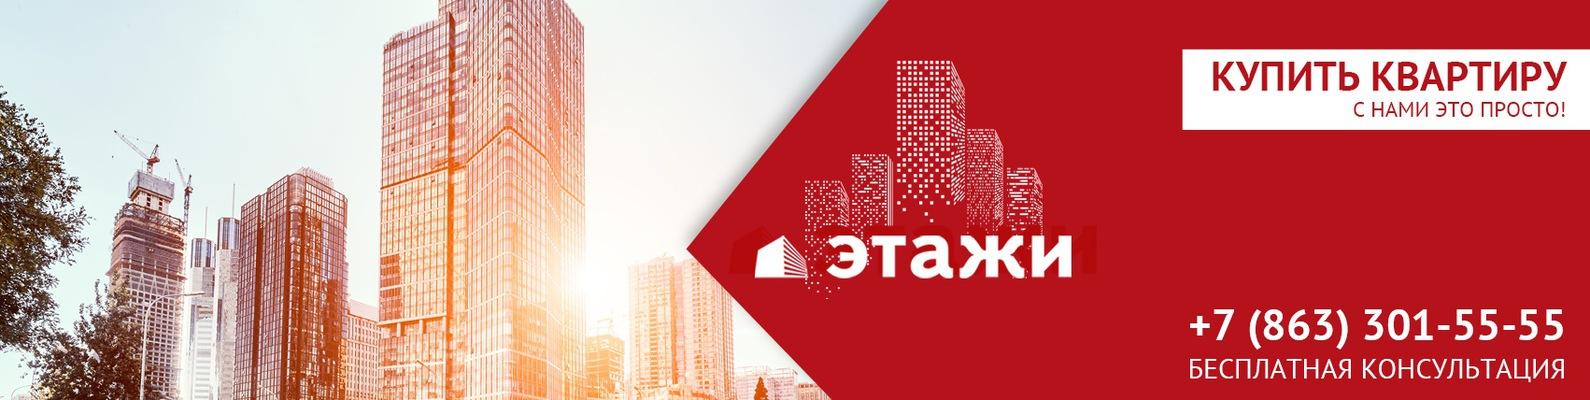 Компания этажи сайт квартиры сайты для разных городов одной компании